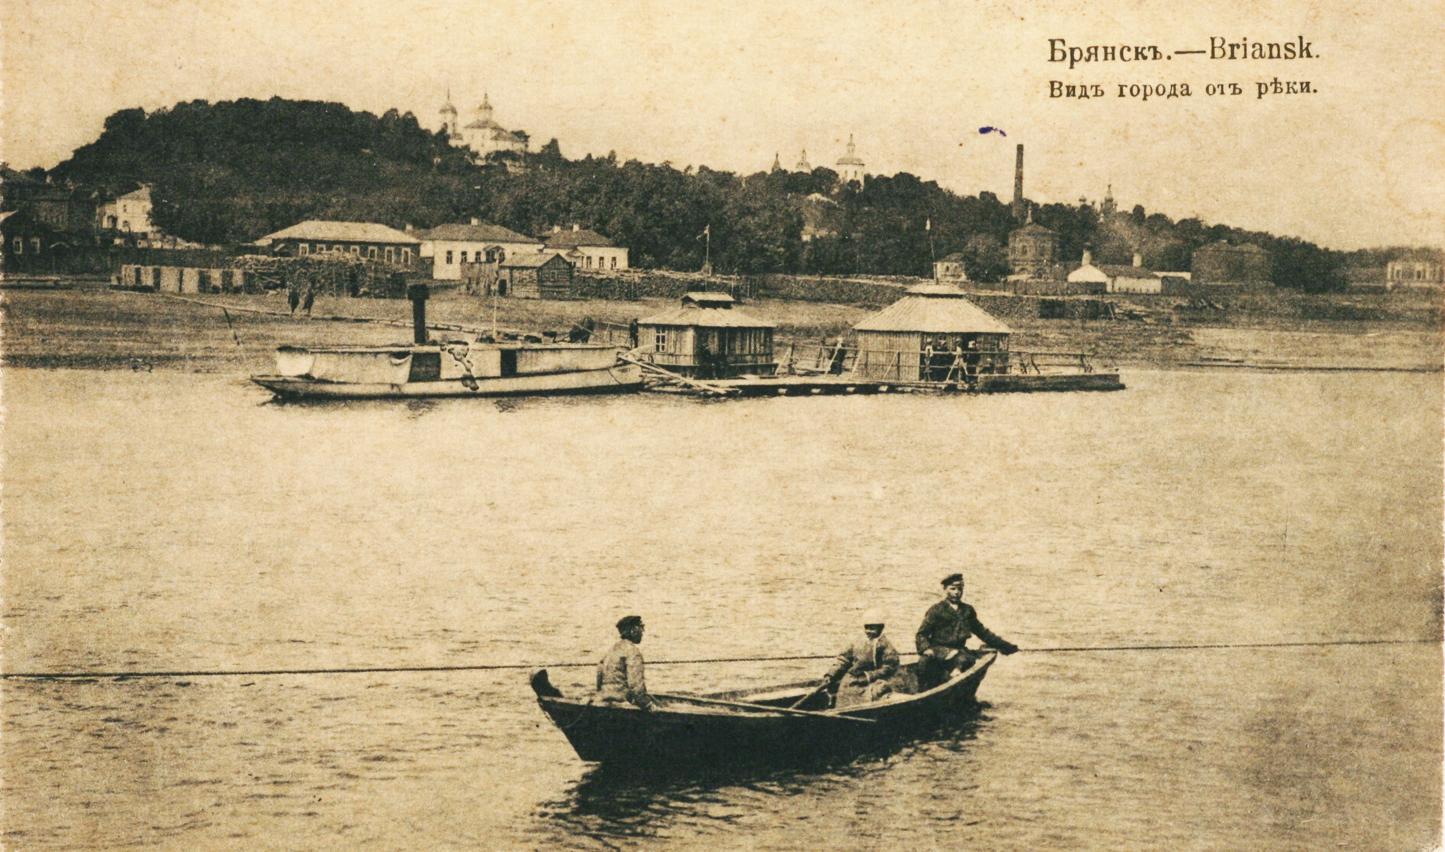 Вид города от реки